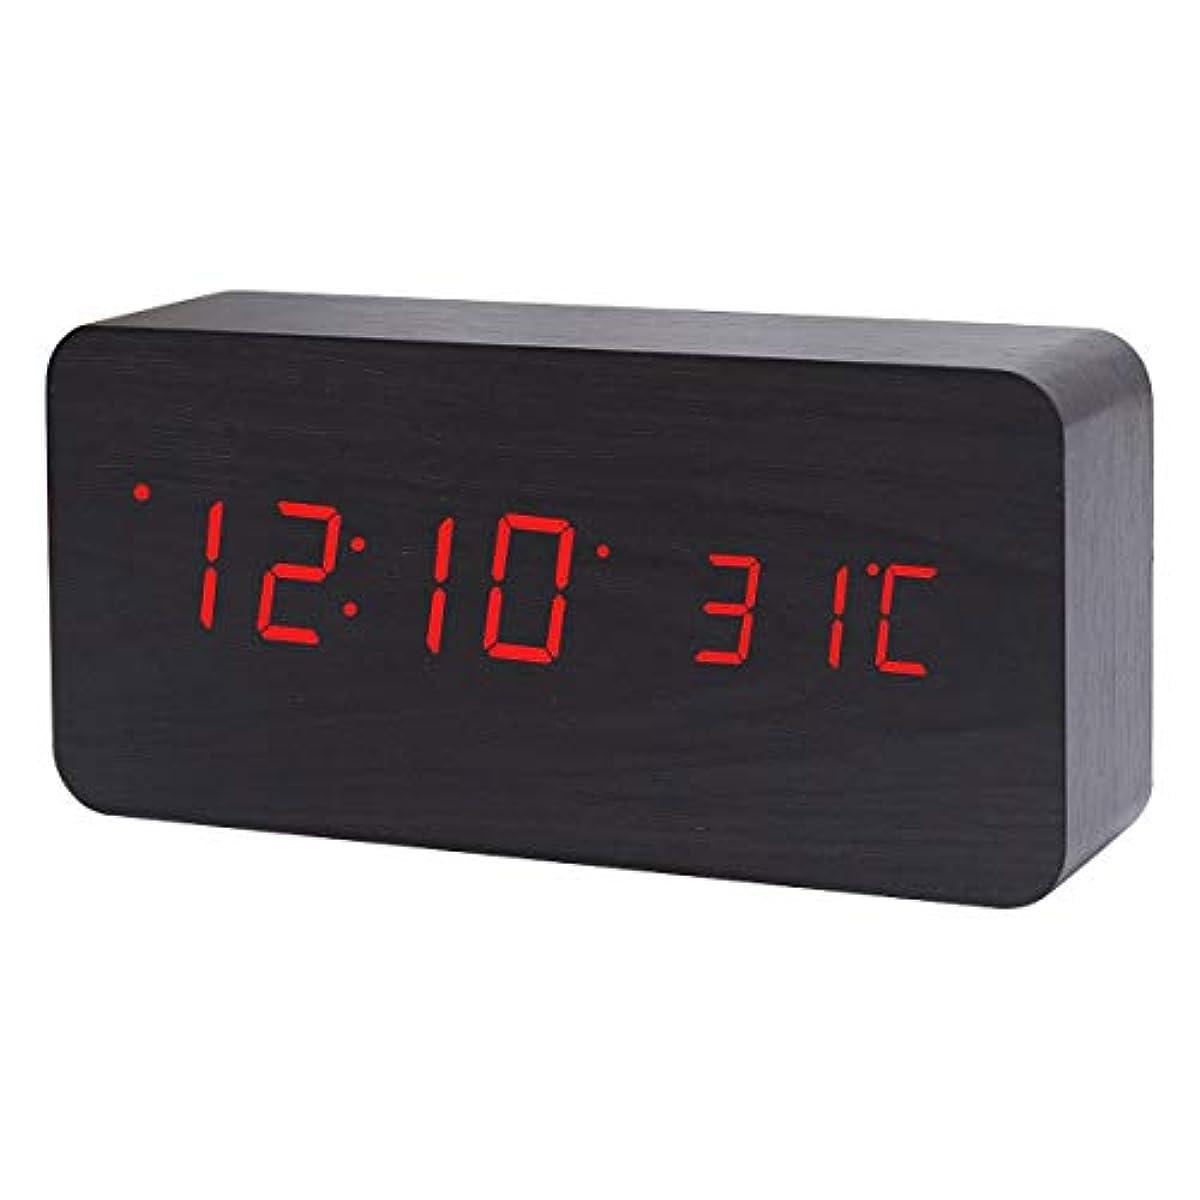 [해외] ZAZ 우드 그레인 LED시계 3개의 알람 기능 첨부 와 탁상시계 음성 반응 기능 날짜온도 표범시 에너지 절약 모드 일본어 취급 설명서 첨부 와 〔사이즈대블랙/LED레드〕 TOKEI-A-021